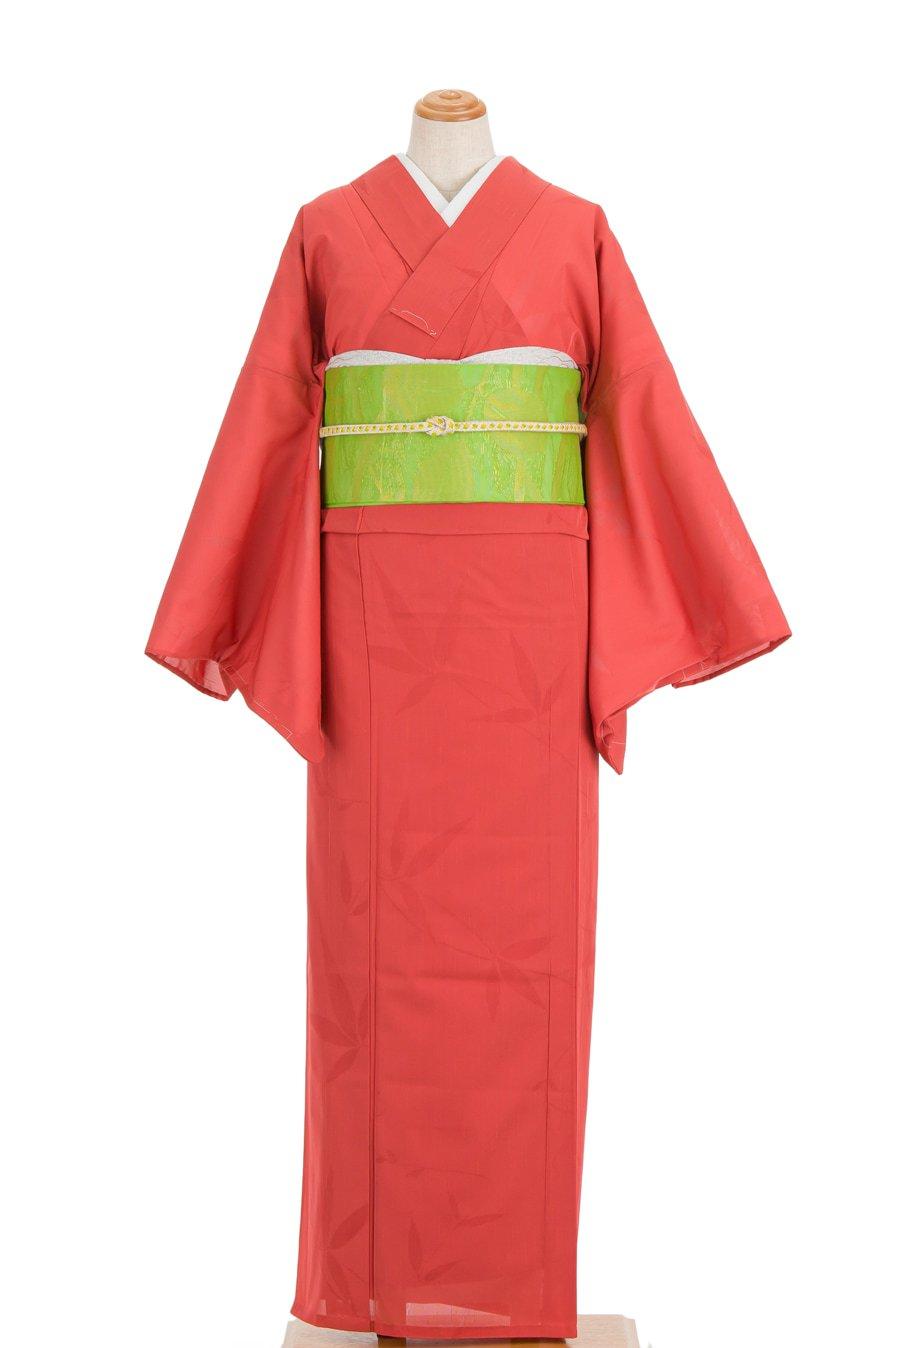 「絽 紗紬 透かし織り 葉模様」の商品画像